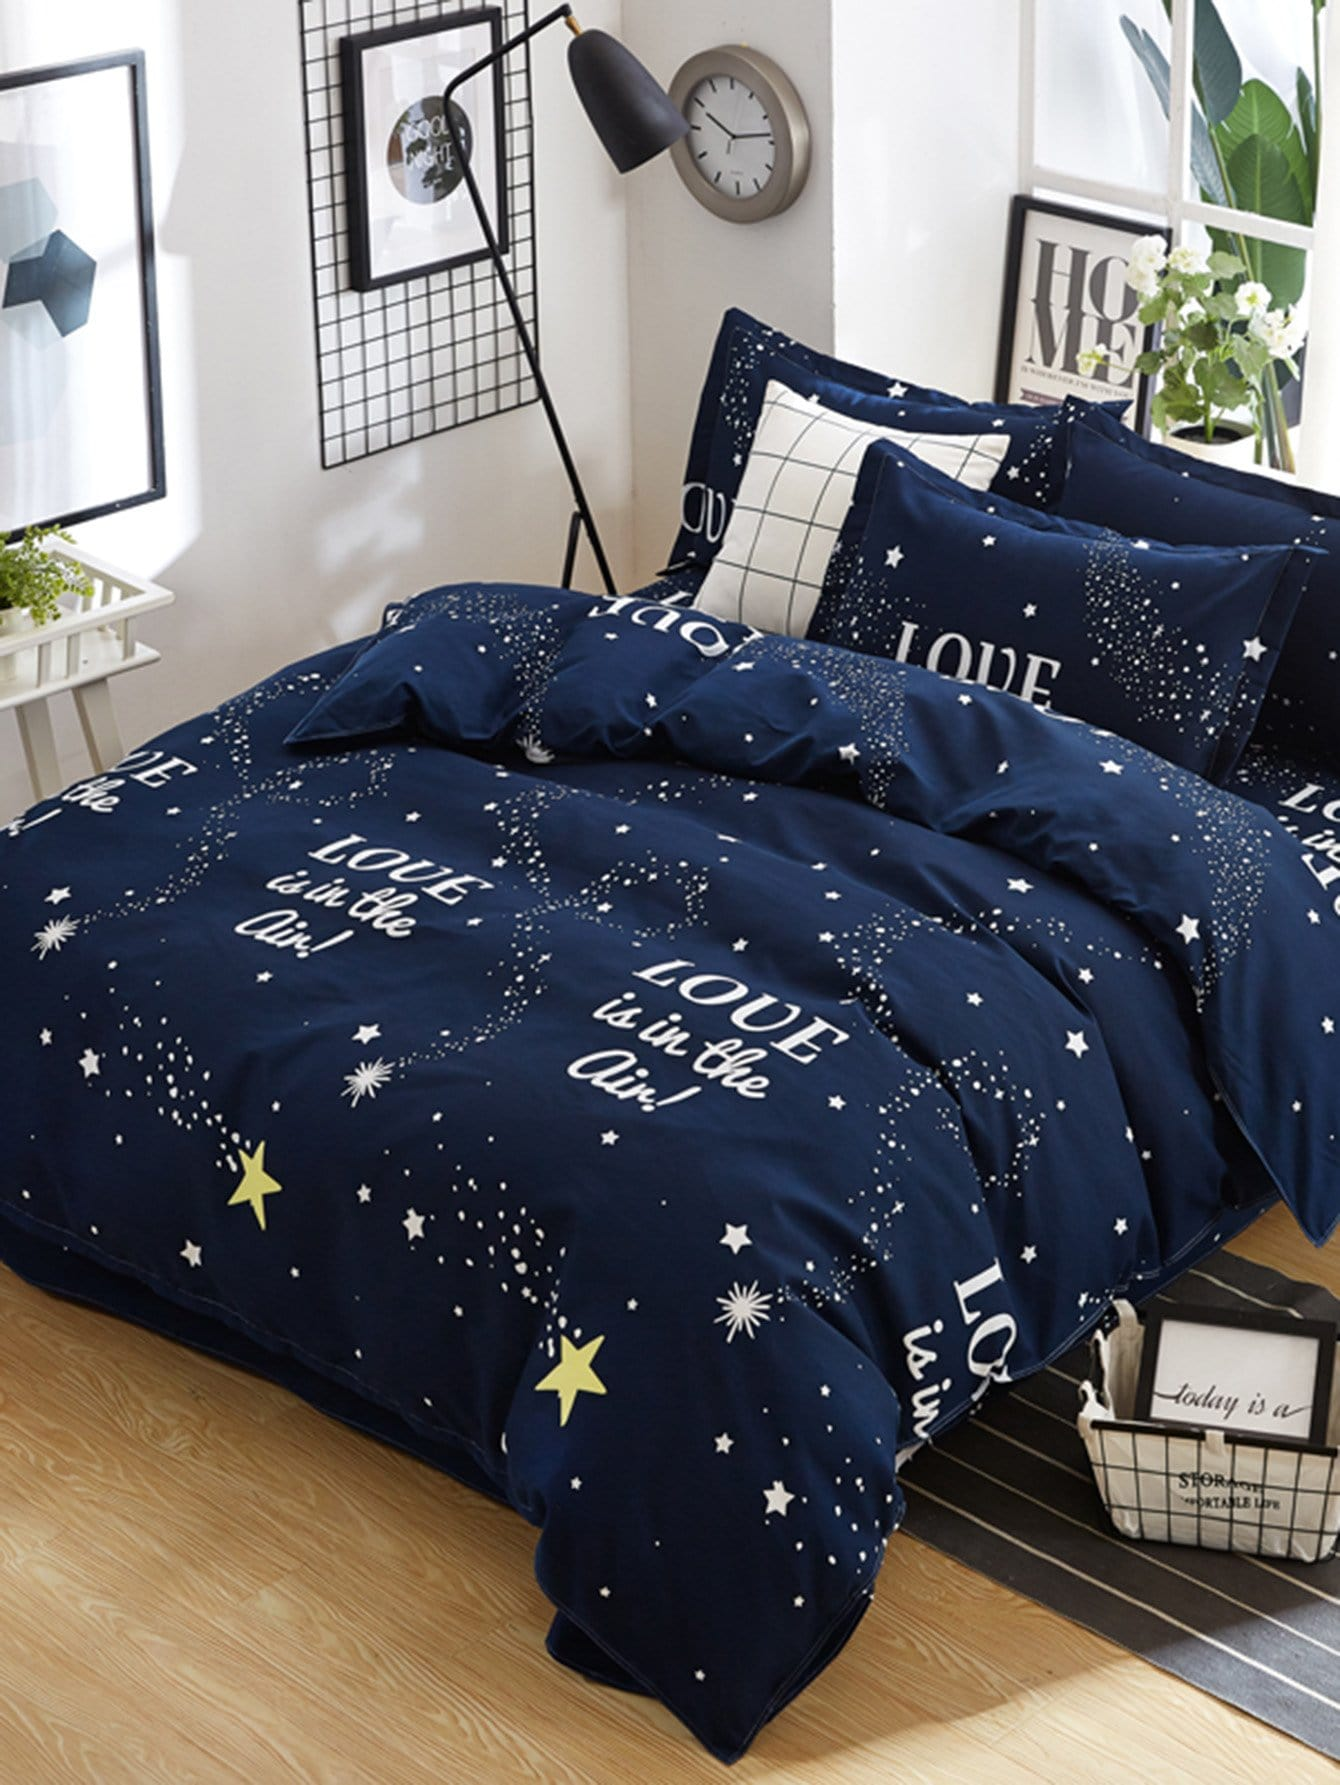 Купить Комплект постельного белья с рисунками звёздного неба, null, SheIn